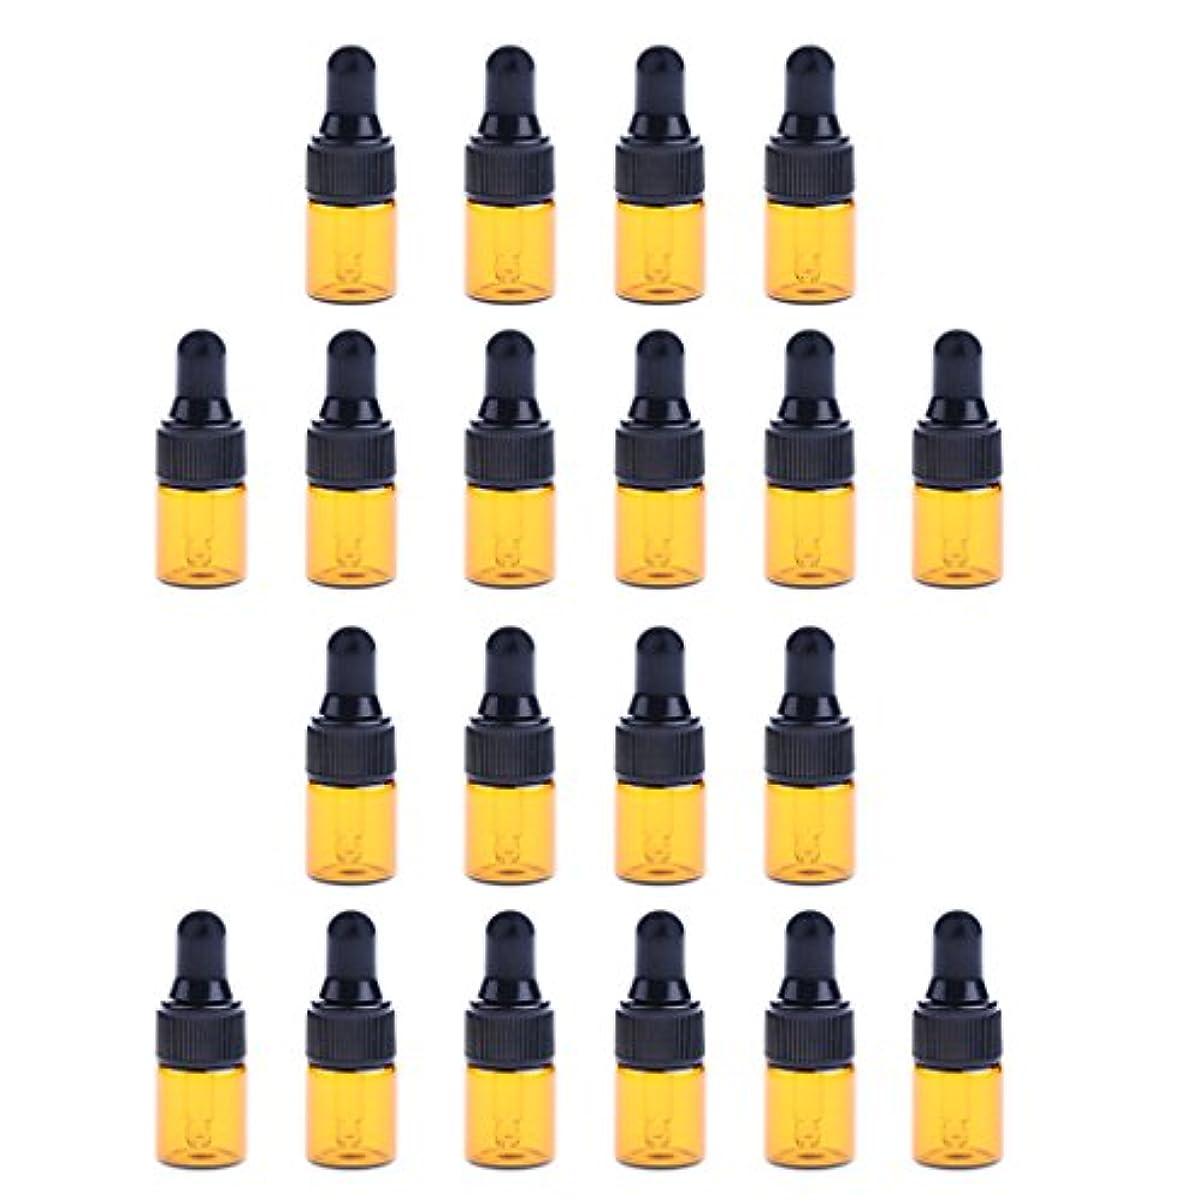 成熟した誇りに思う自然Sharplace 約20個 ドロッパーボトル エッセンシャルオイル ガラス 化粧ボトル 3サイズ選べる - 1ML